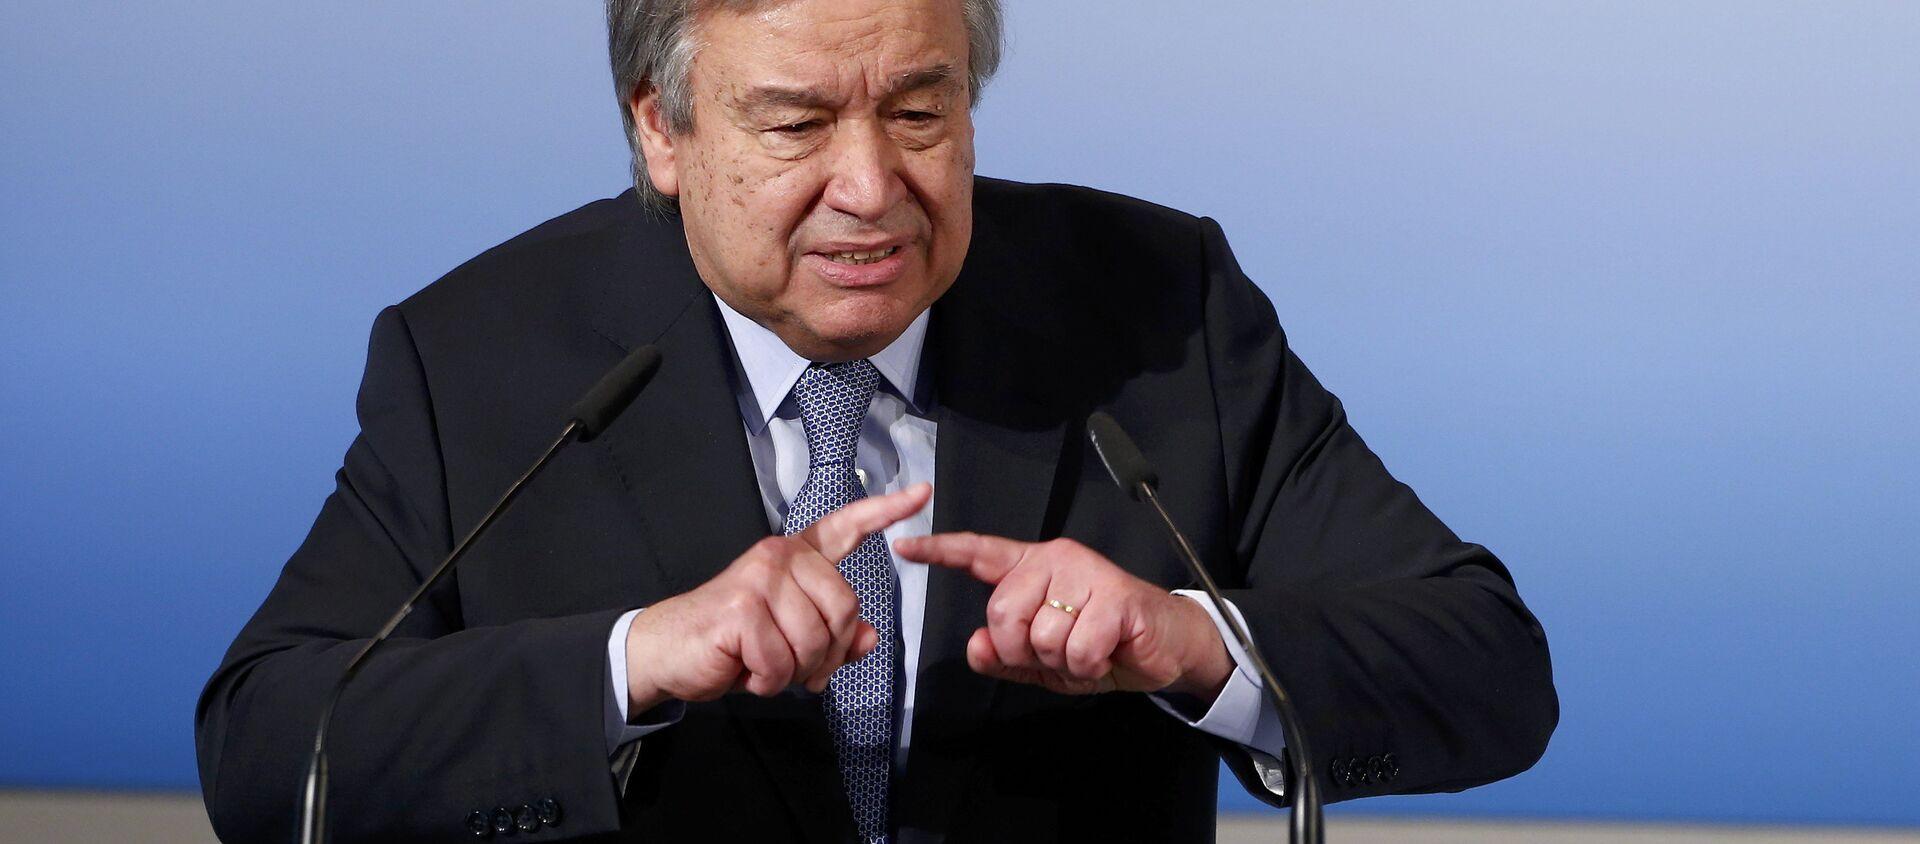 El secretario general de la ONU, António Guterres, pronuncia su discurso en la conferencia de Múnich - Sputnik Mundo, 1920, 21.01.2021